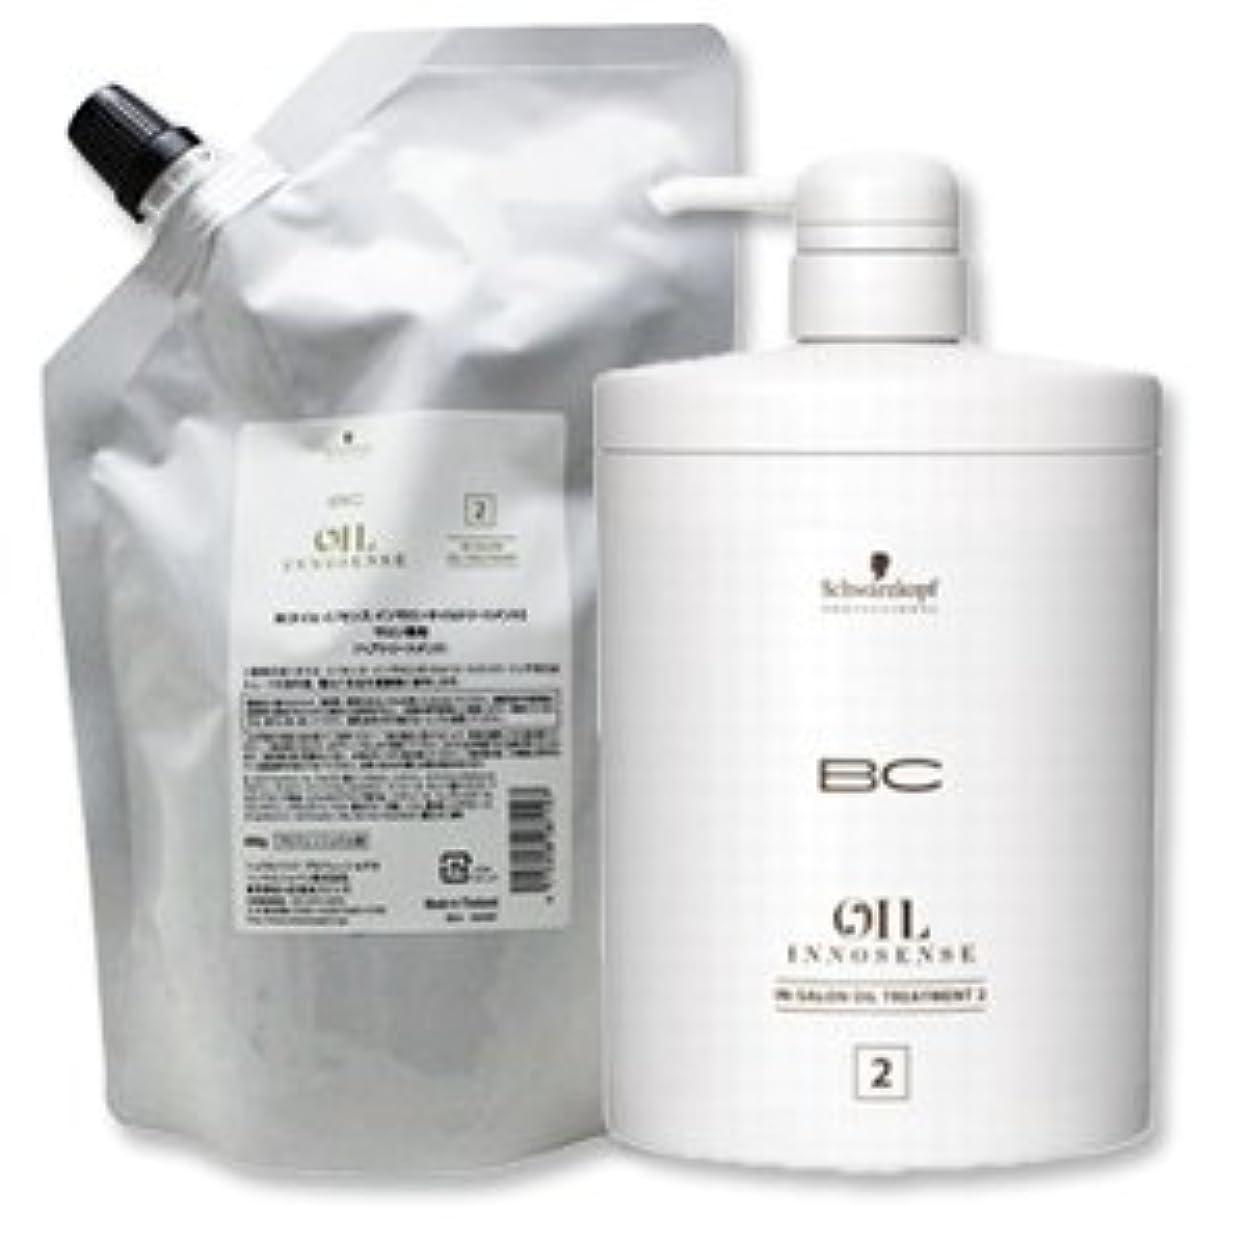 飢会話型対シュワルツコフ BC オイルイノセンス インサロンオイルトリートメント2 600g + 専用容器ポンプボトル セット